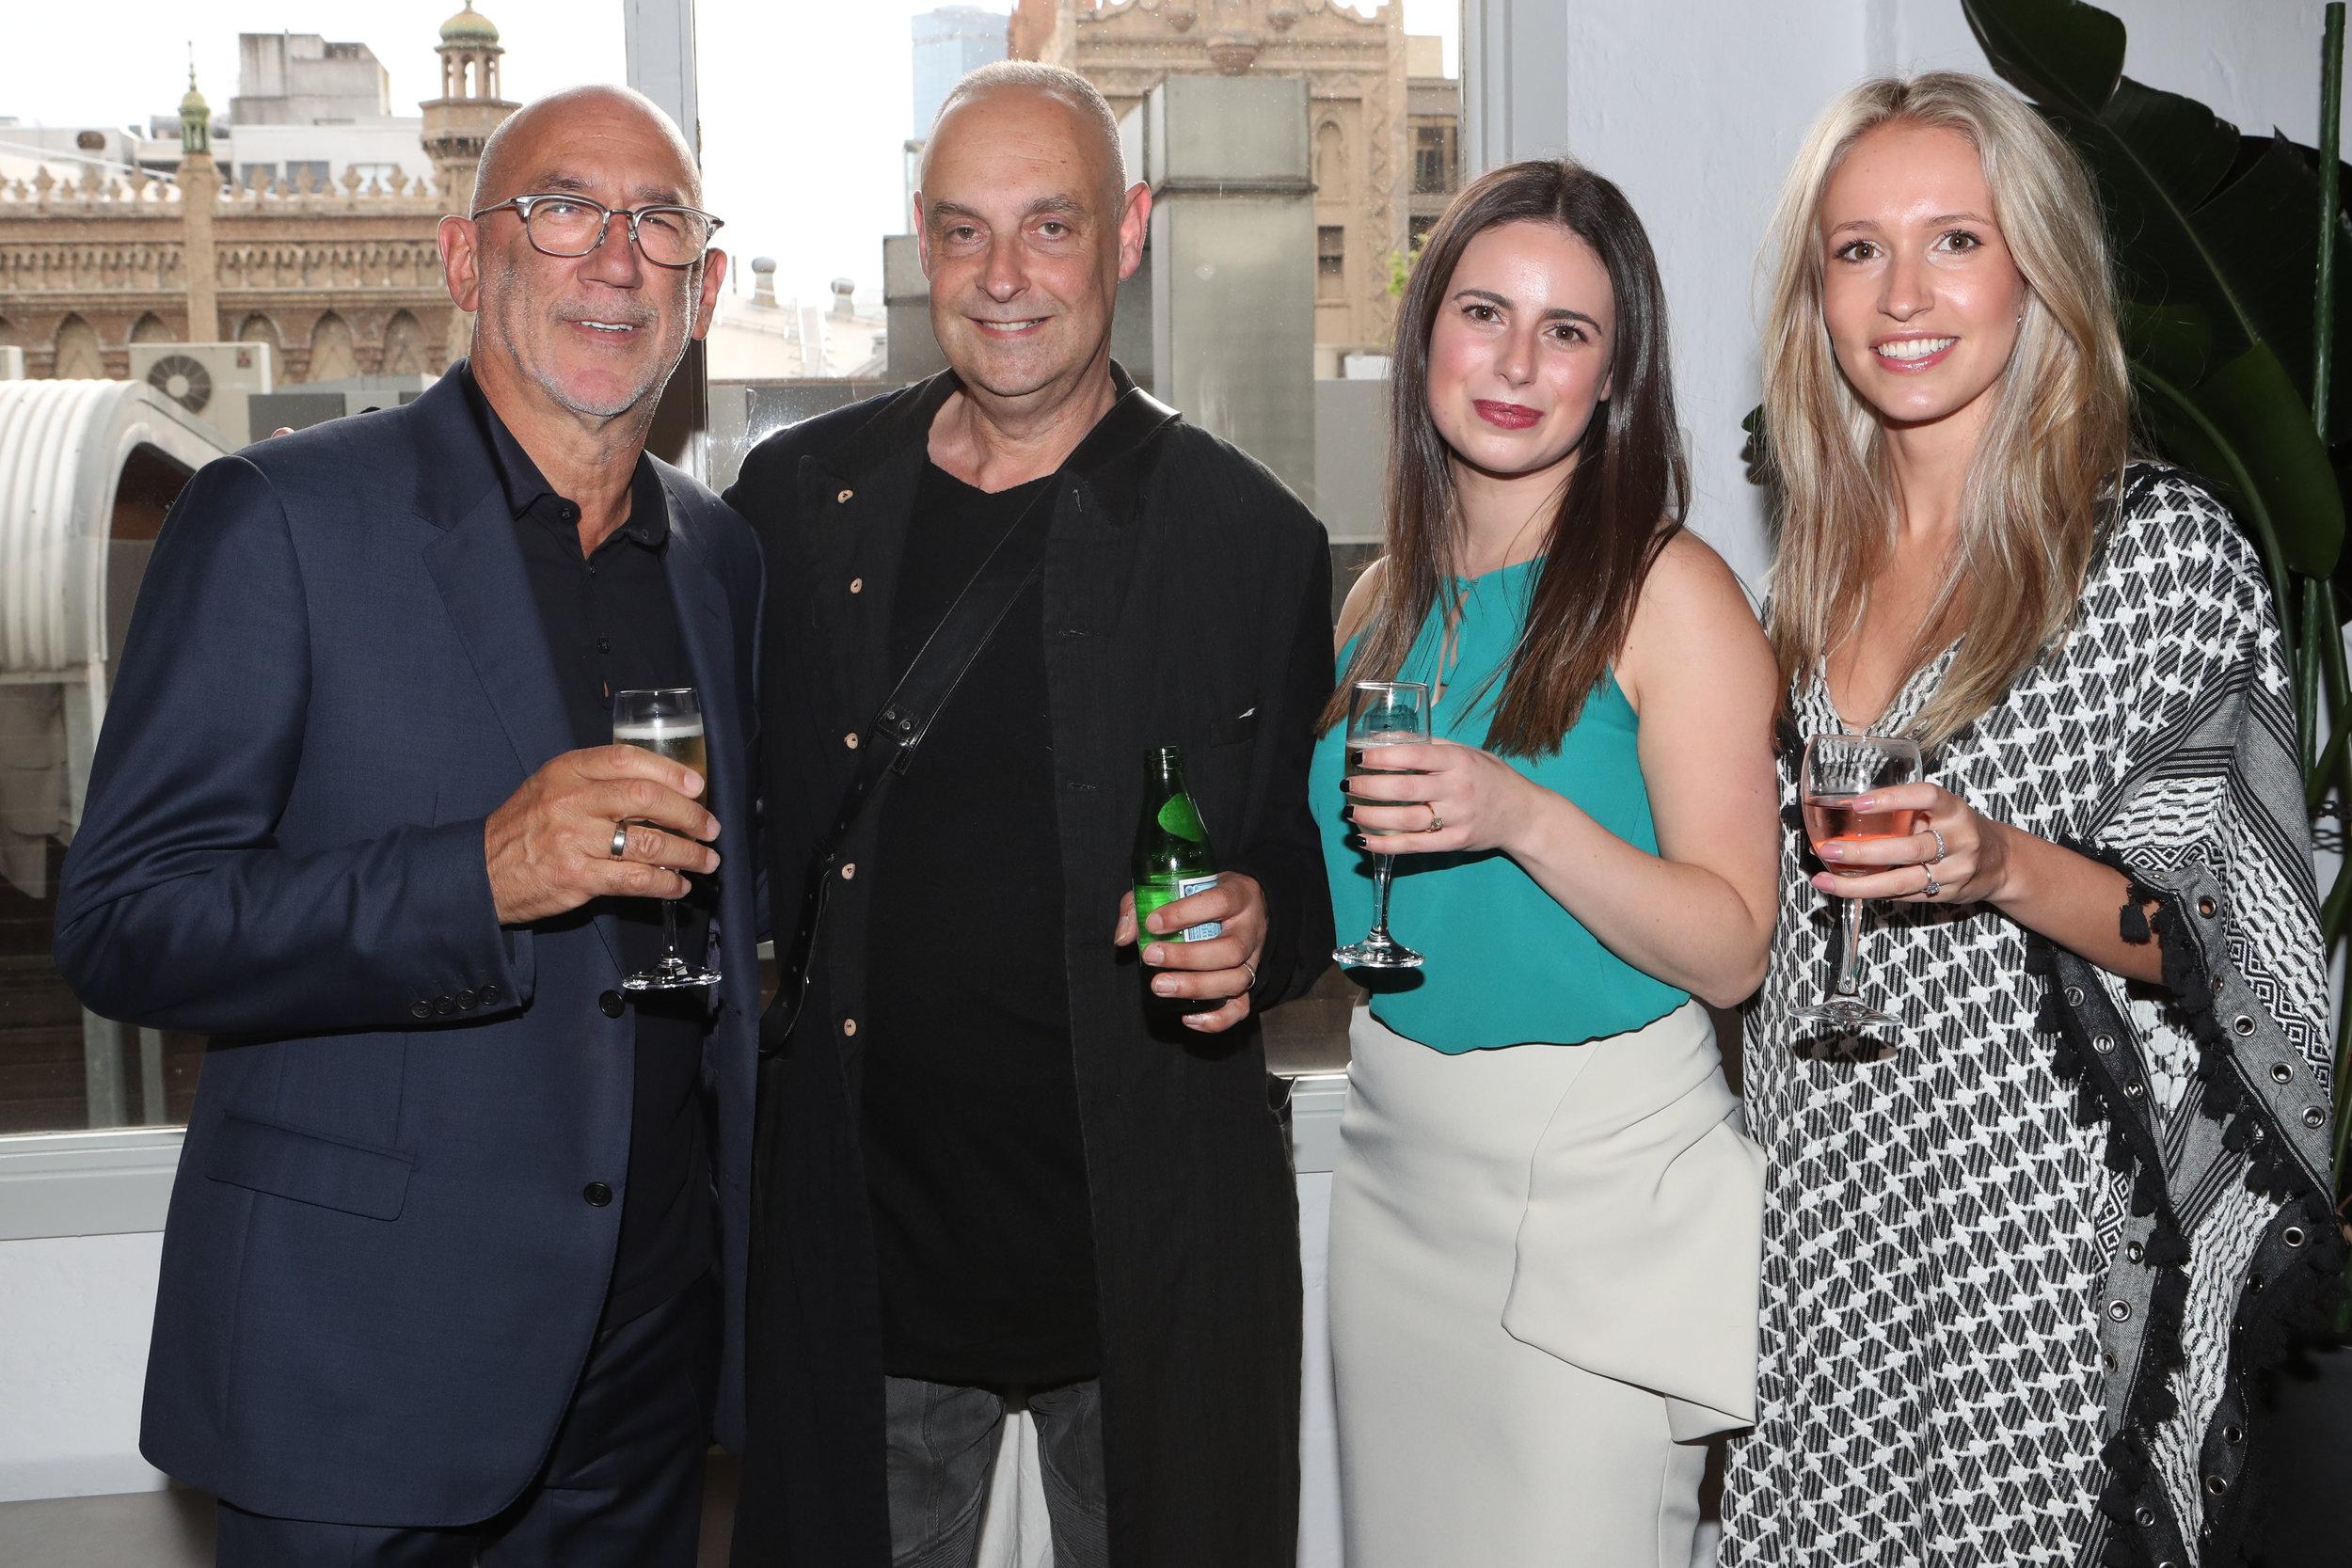 Michael Bialek, Stephen Crafti, Stephanie Siladi and Kristen Sutton (1).jpg